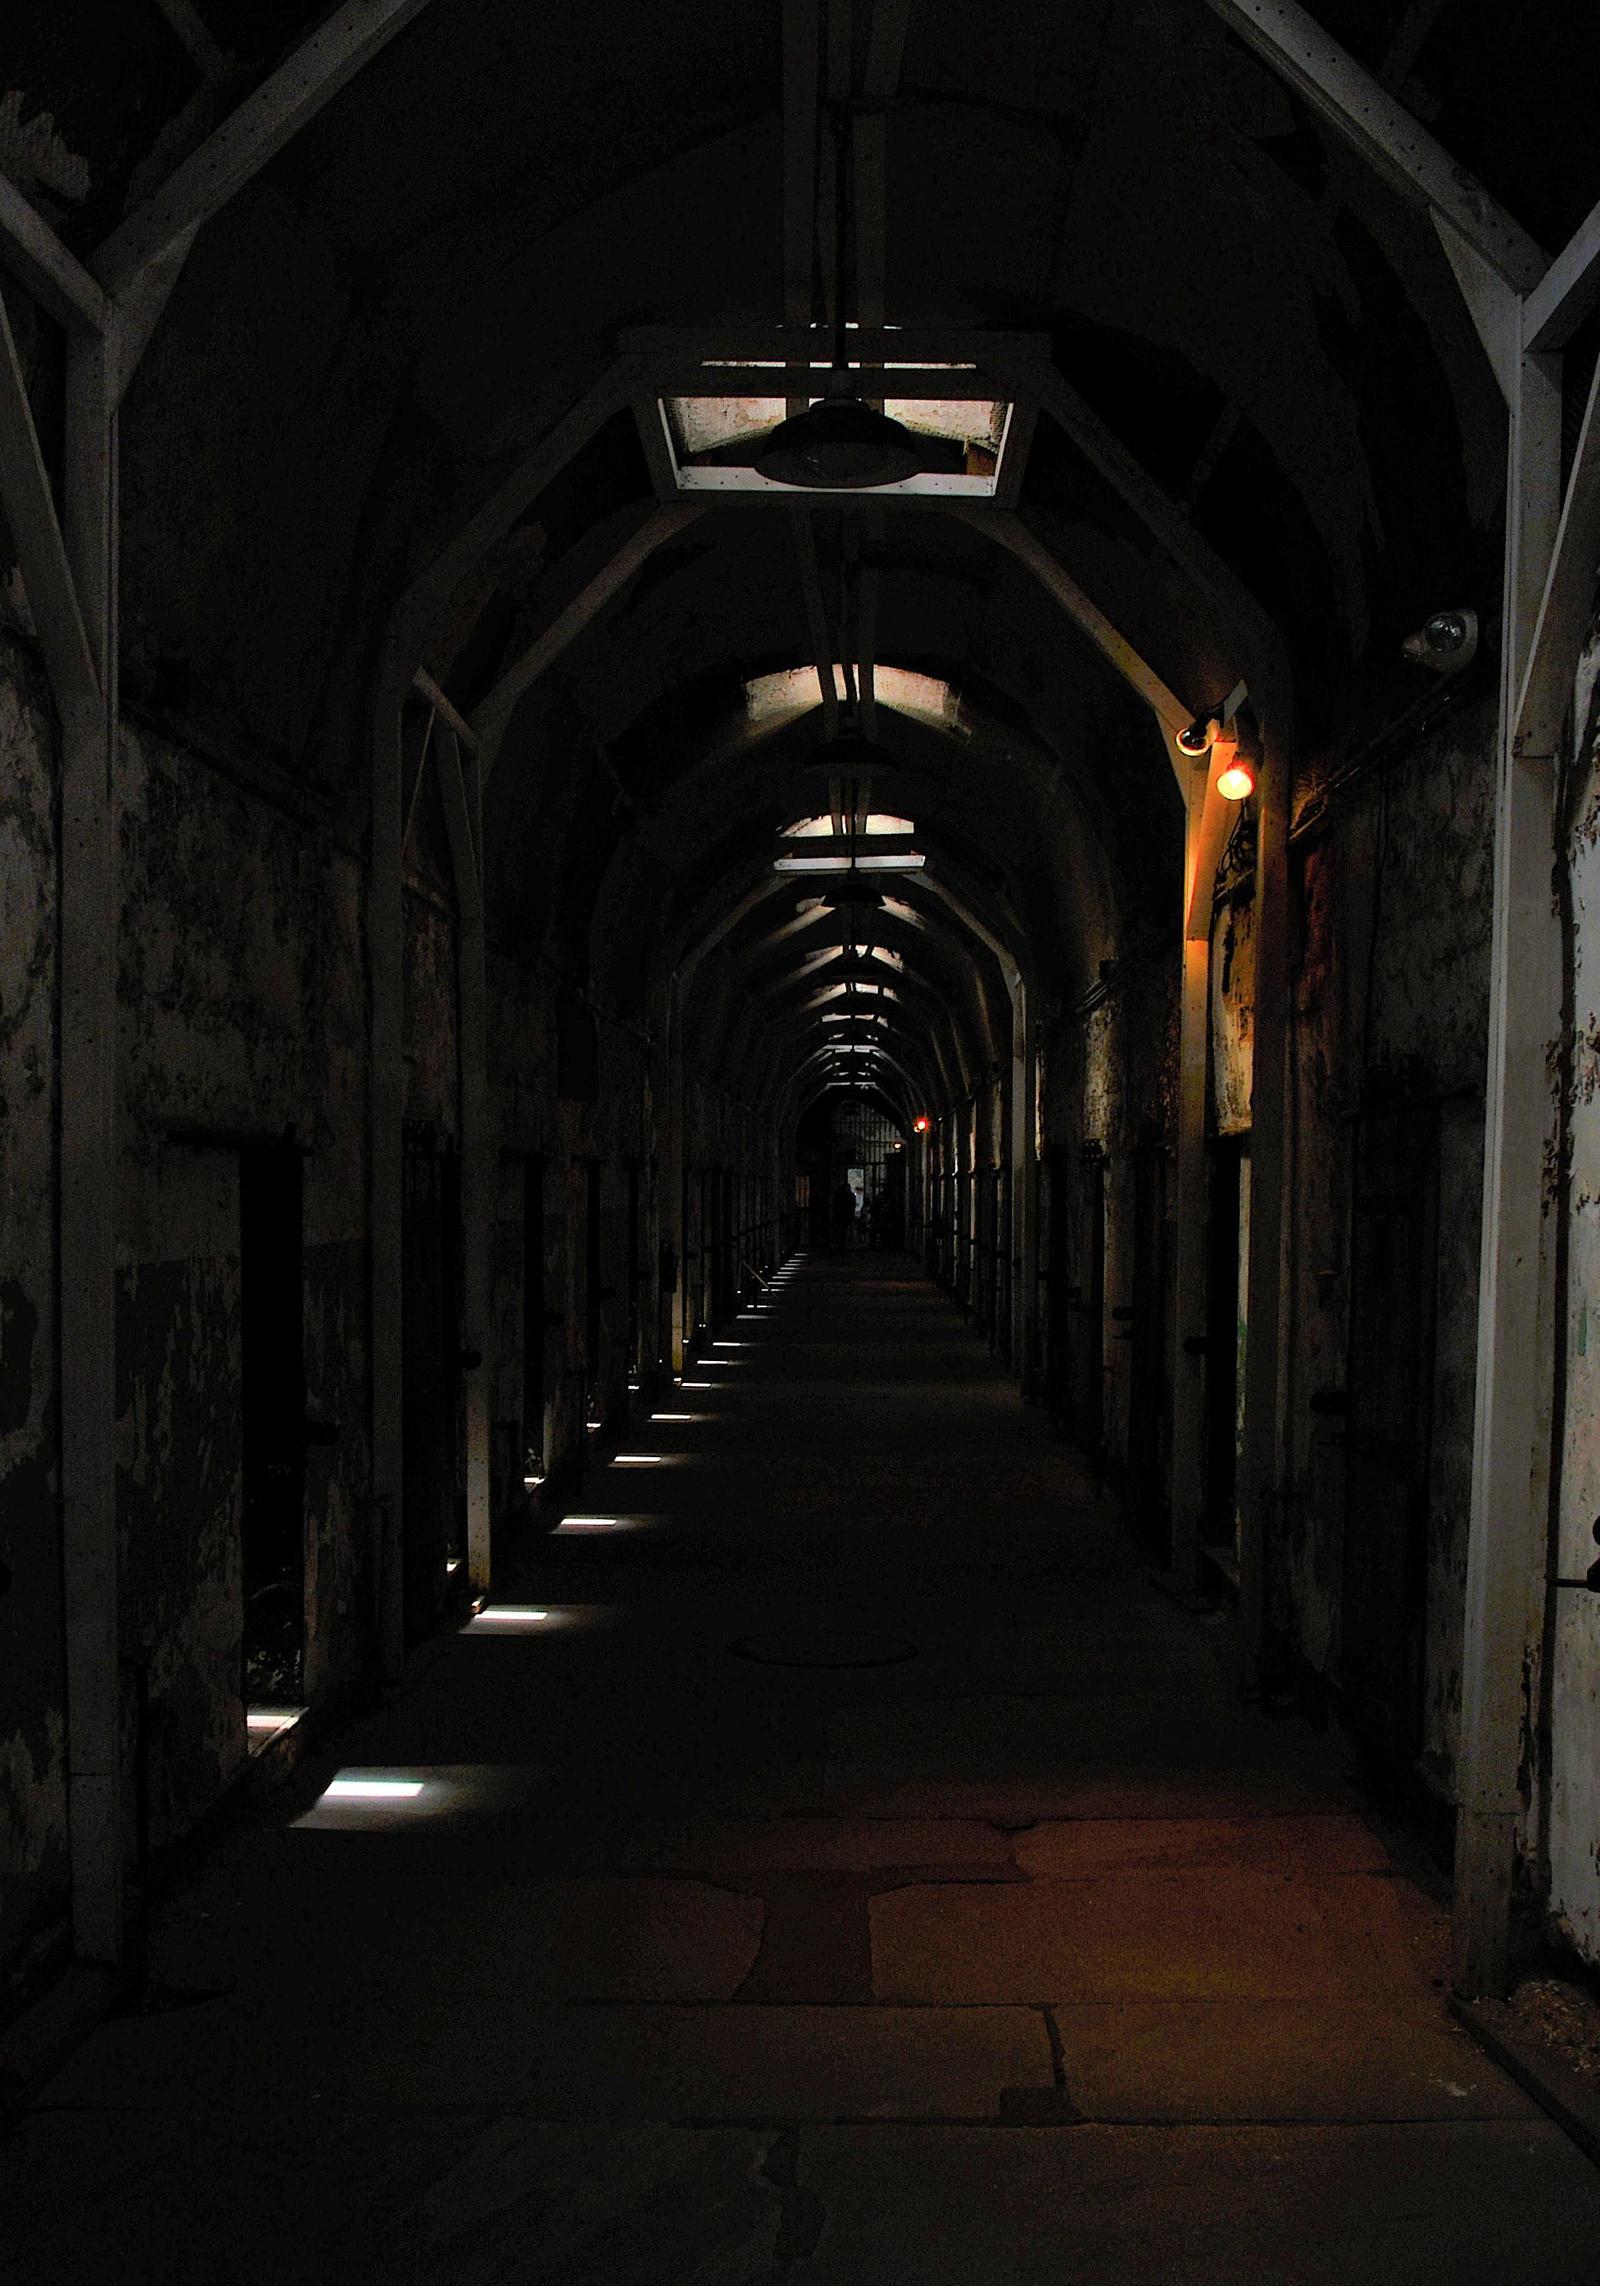 Dark Prison Hallway by PAlisauskas